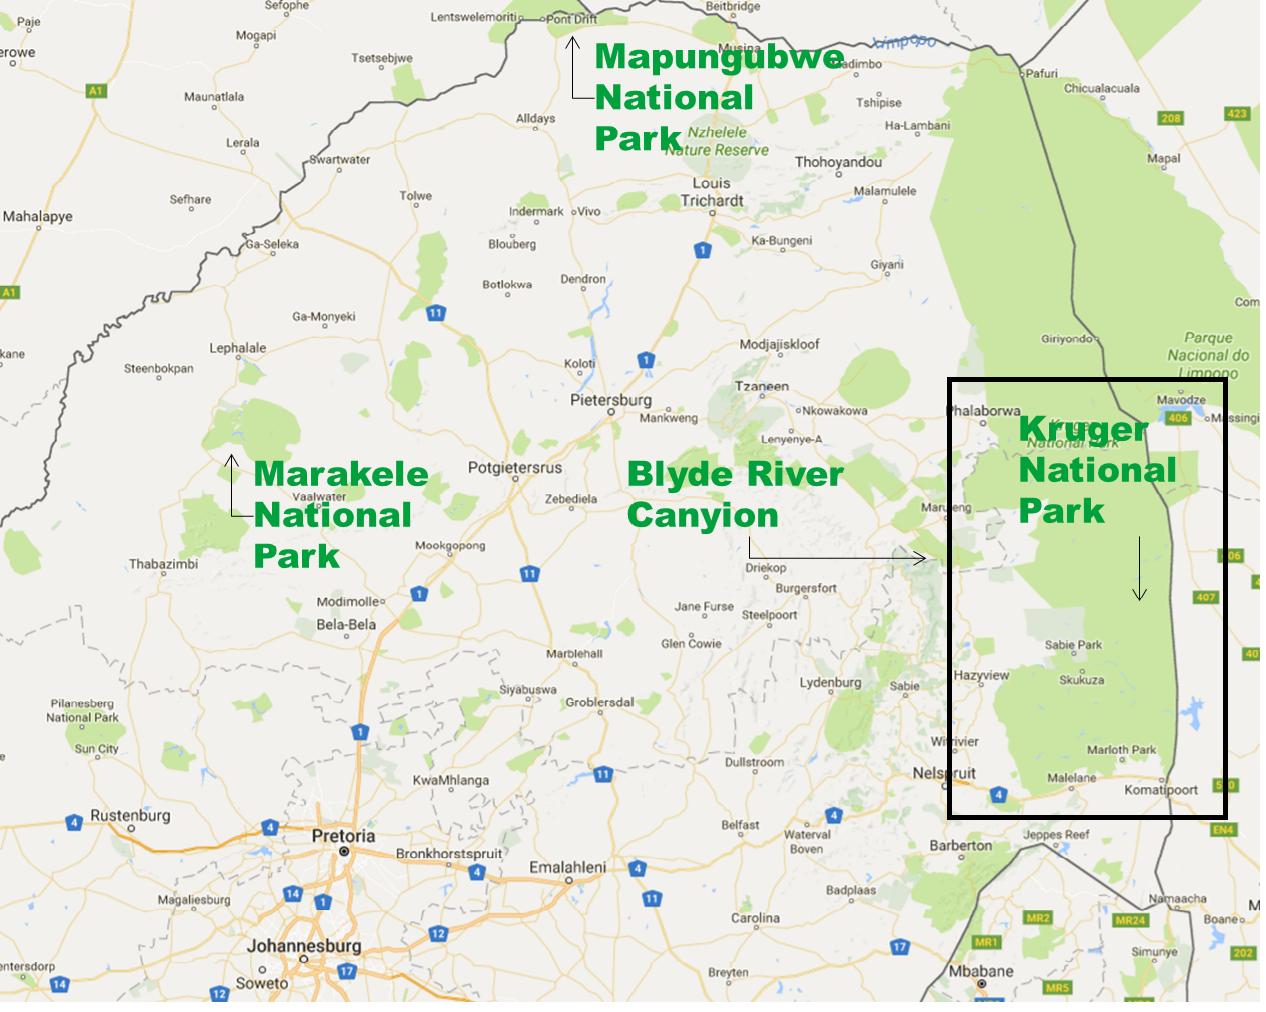 De laatste locatie van onze reis: Kruger National Park